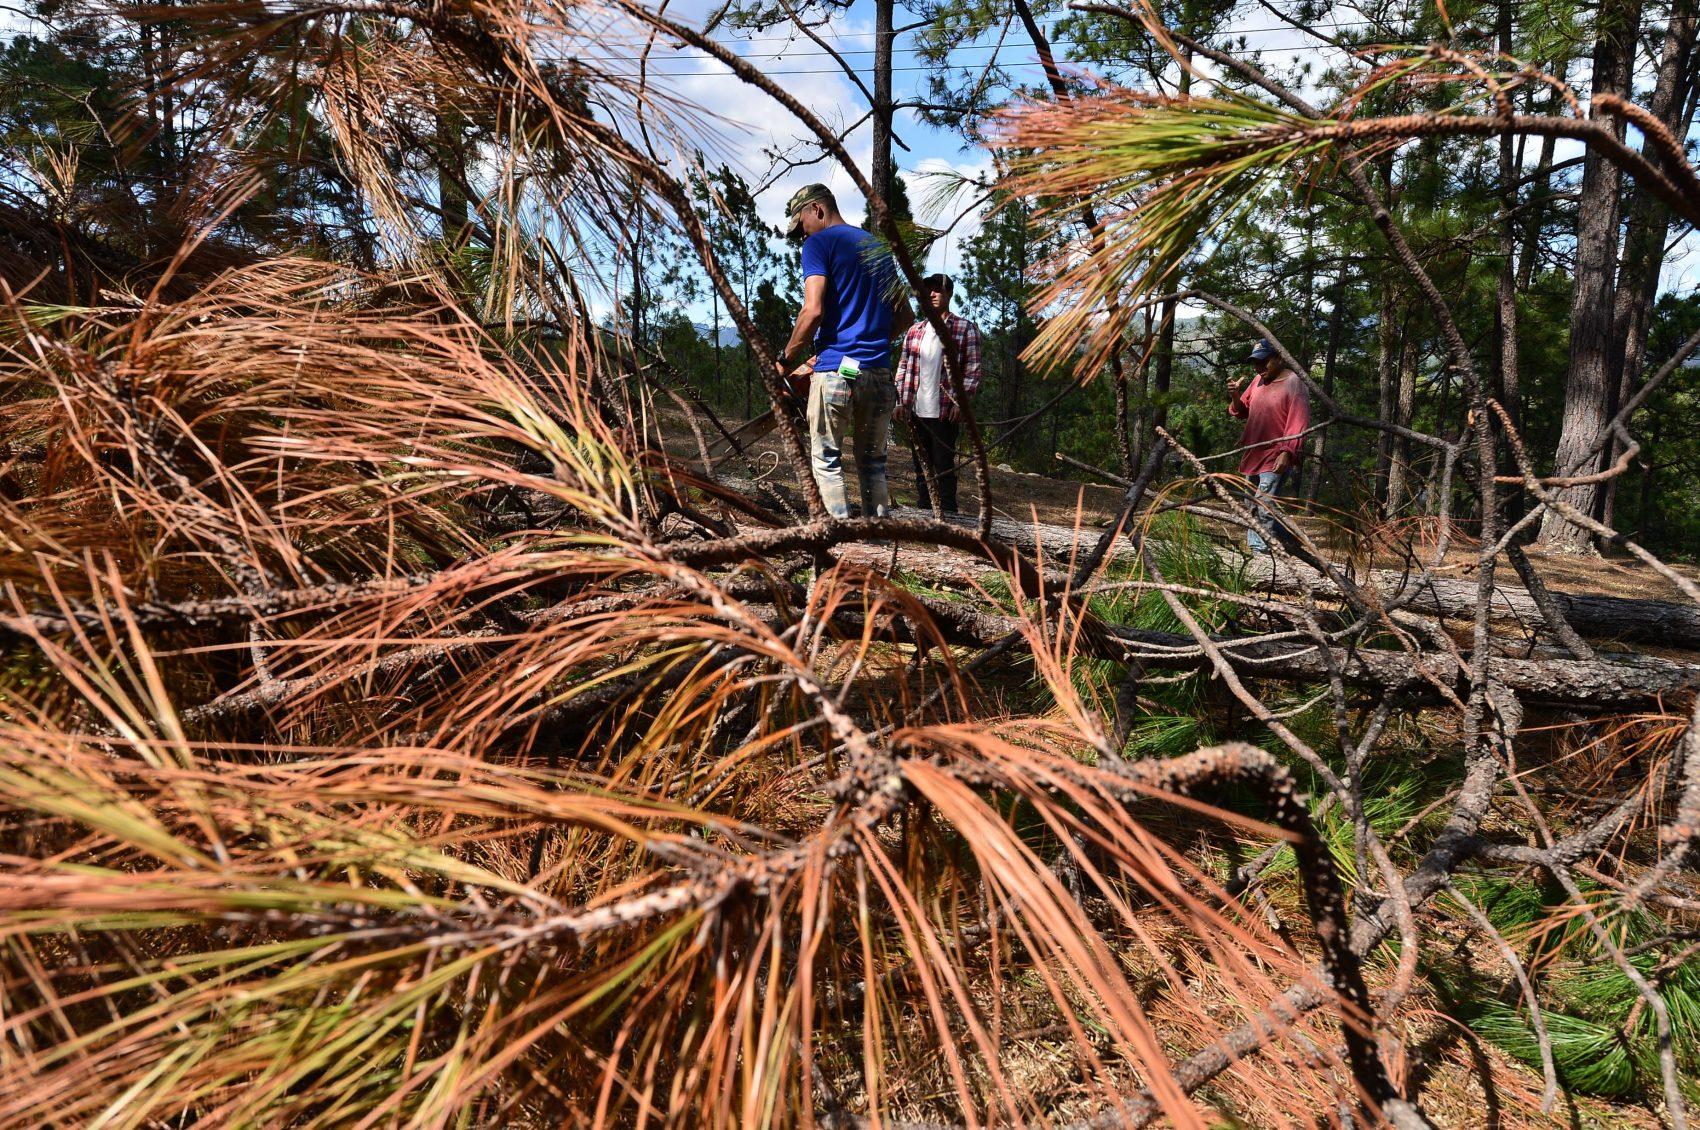 Agricultores hondurenhos cortam árvores danificadas pela seca e pelas pragas de insetos: agências da ONU calculam 1,4 milhão de pessoas ameaçadas pela fome na América Central (Foto Orlando Sierra/AFP)